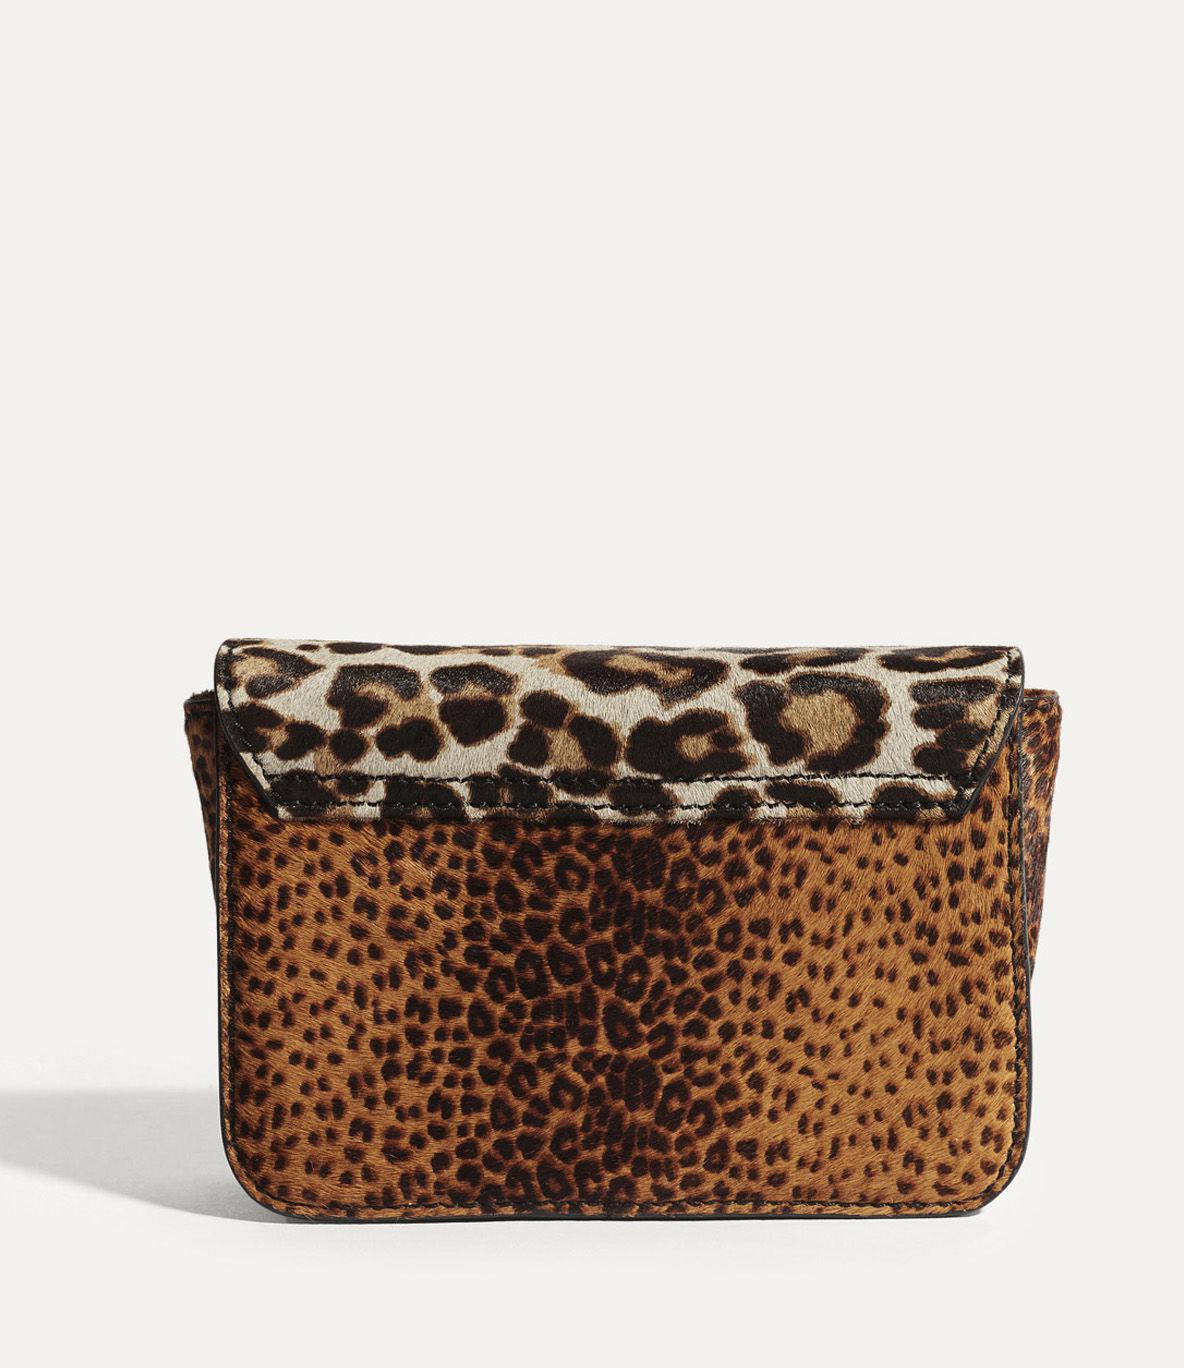 Karen Millen Leather Leopard Cross Body Bag - Leopard Print in Brown